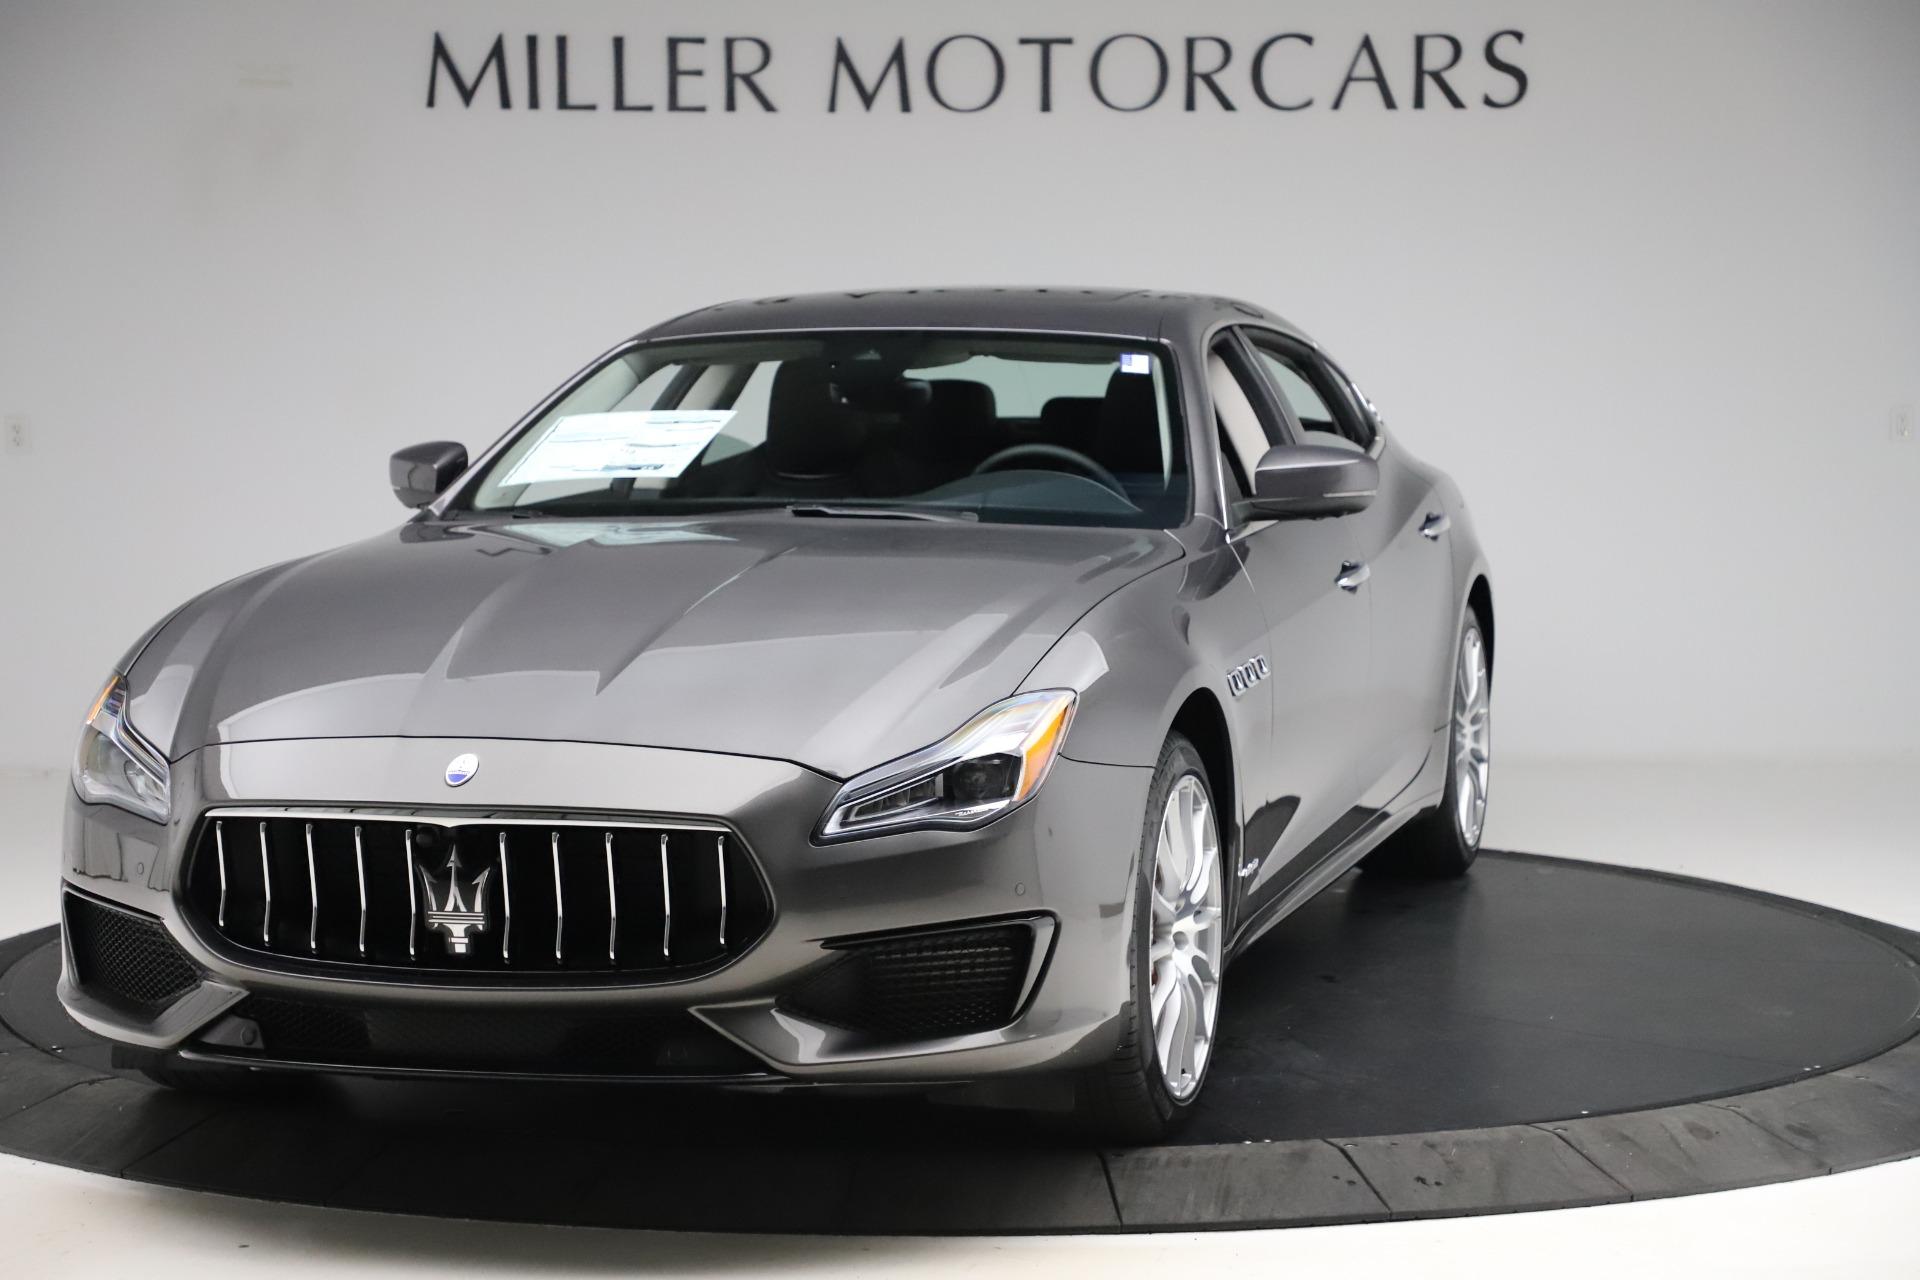 New 2020 Maserati Quattroporte S Q4 GranSport for sale $121,885 at Maserati of Westport in Westport CT 06880 1